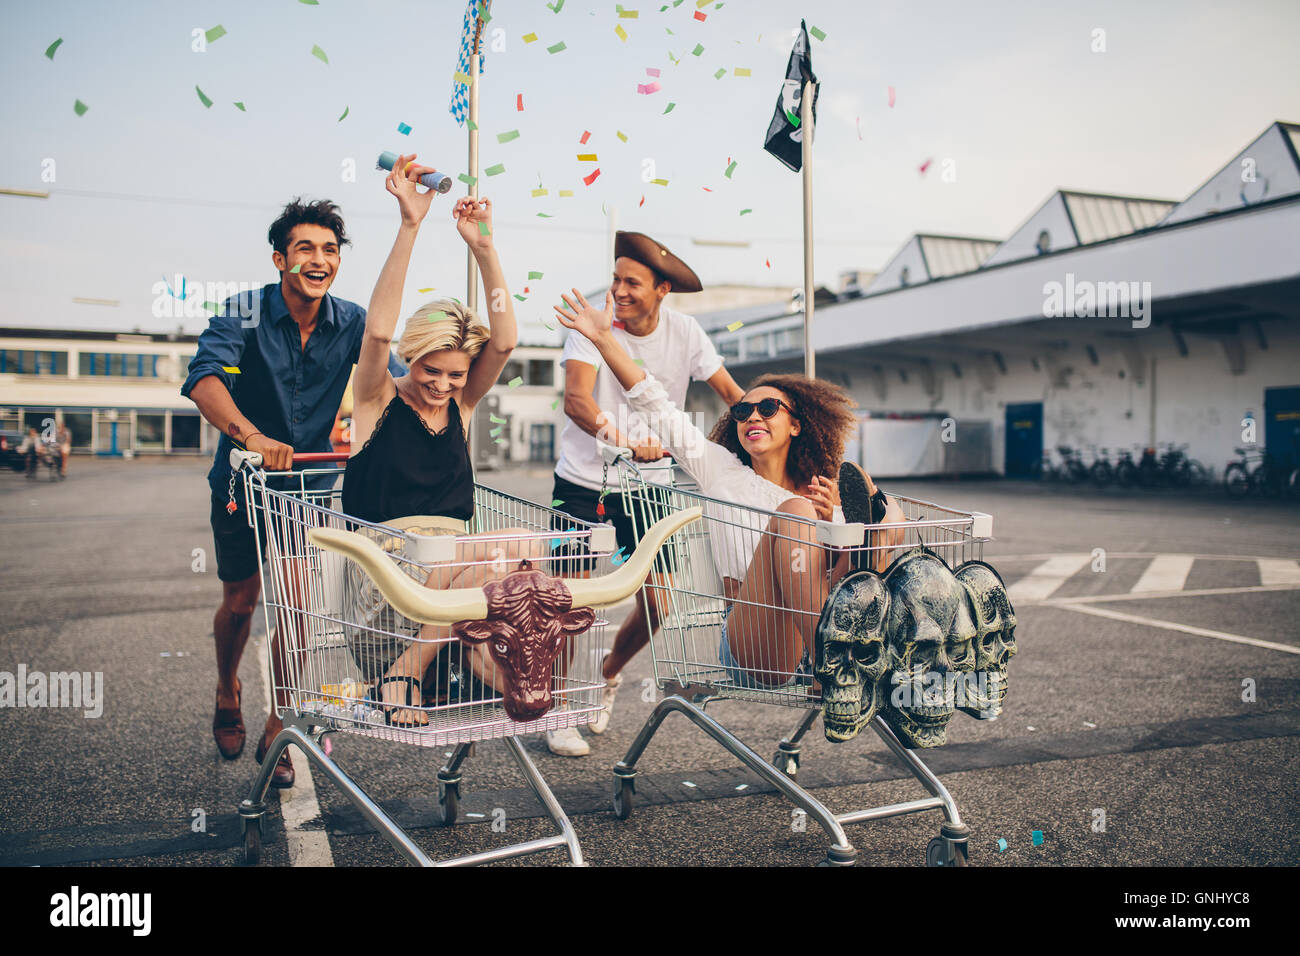 Jóvenes amigos divirtiéndose en carritos de compra. Los jóvenes multiétnica racing en compras. Imagen De Stock